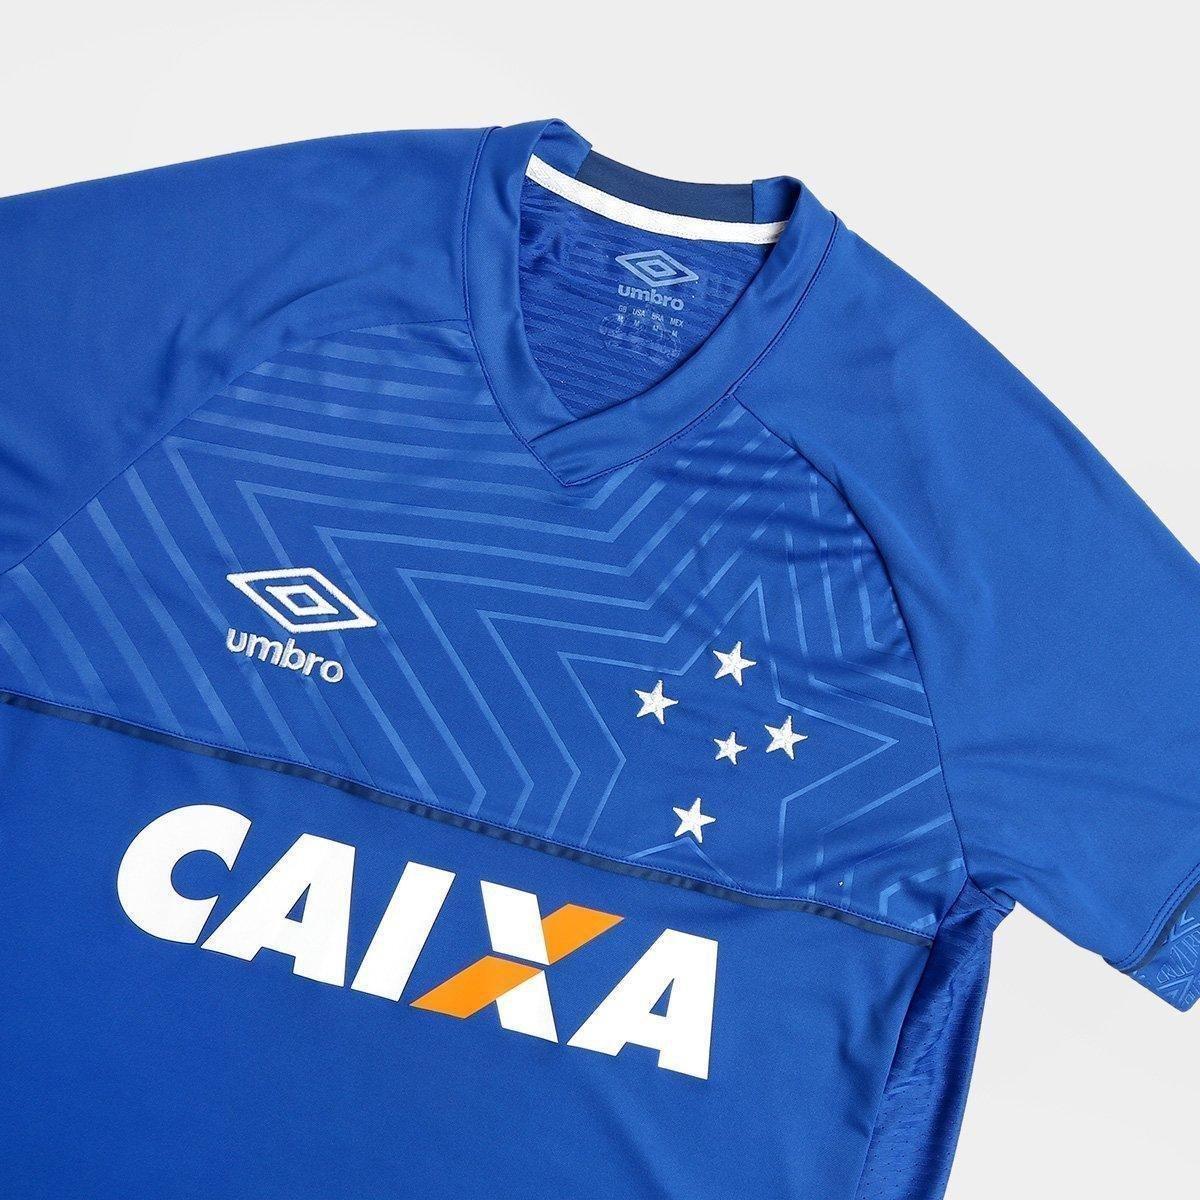 ... Camisa Cruzeiro I 18 19 s n° C Patrocínio - Torcedor Umbro ...  a08ab67de248df ... 6921176ede164